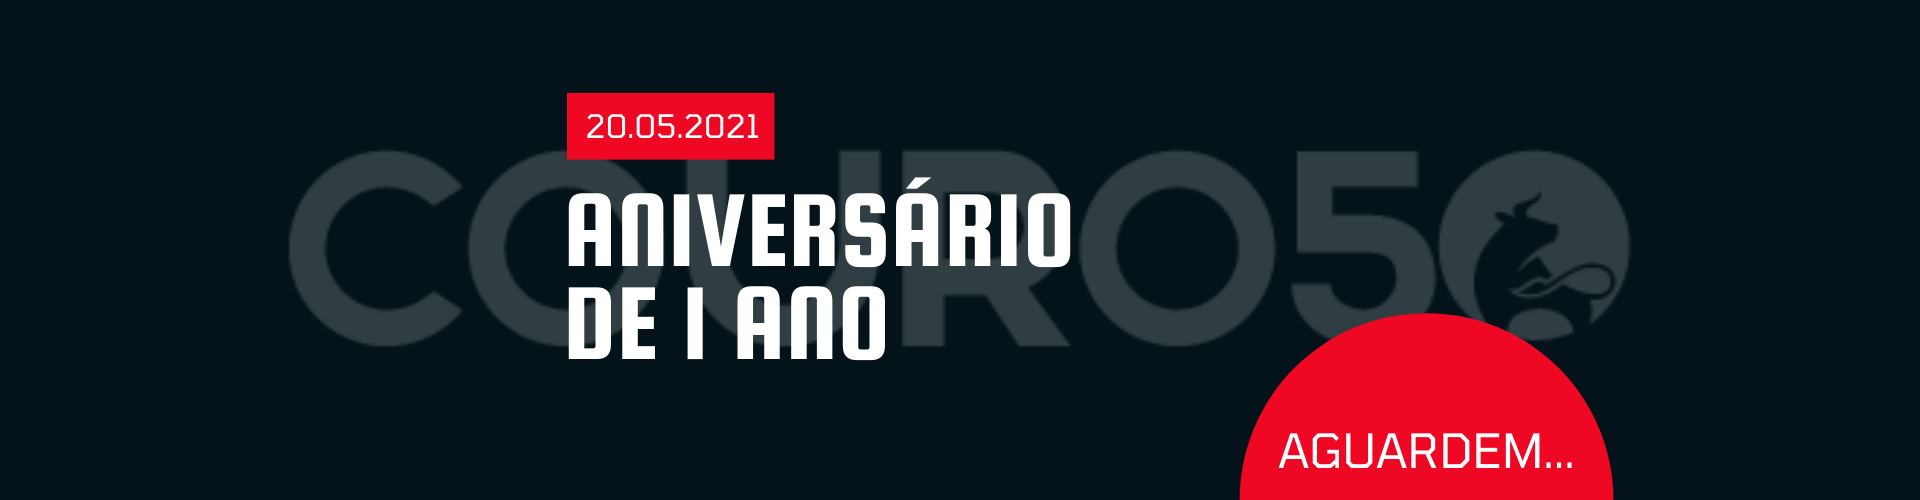 COURO50 CARTEIRA PROTEÇÃO RFID 620